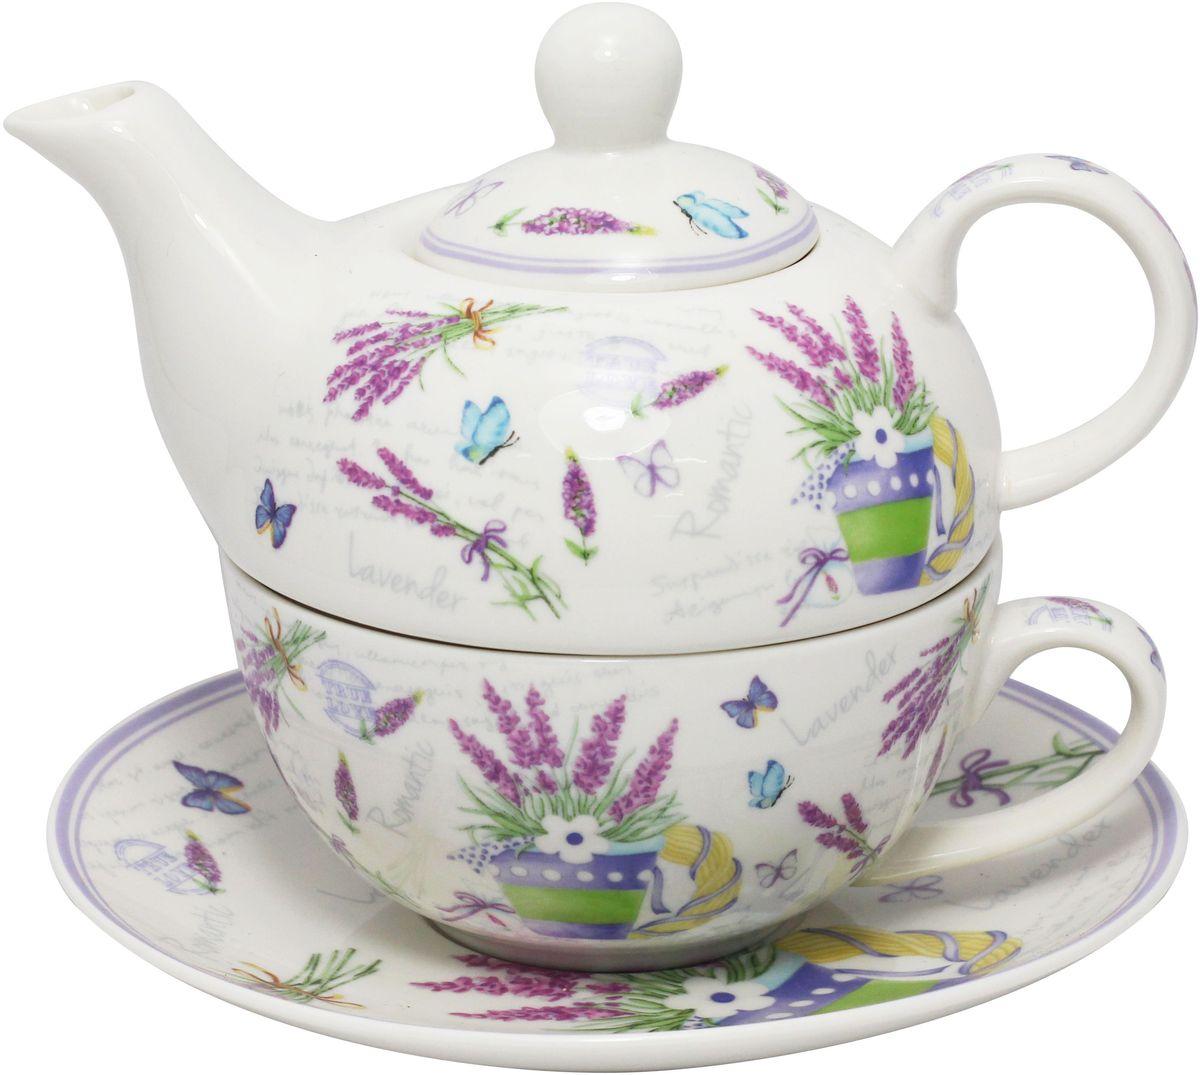 Набор чайный JEWEL Лаванда, 3 предметаПКГО0006Чайный набор JEWEL Лаванда изготовлен из высококачественного фарфора. Набор состоит из чайника, чашки и блюдца. Изделия украшены изящным рисунком и придутся по вкусу как ценителям классики, так и тем кто предпочитает современный стиль.Объем чайника: 400 мл.Объем чашки: 300 мл.Диаметр блюдца: 16,7 см.